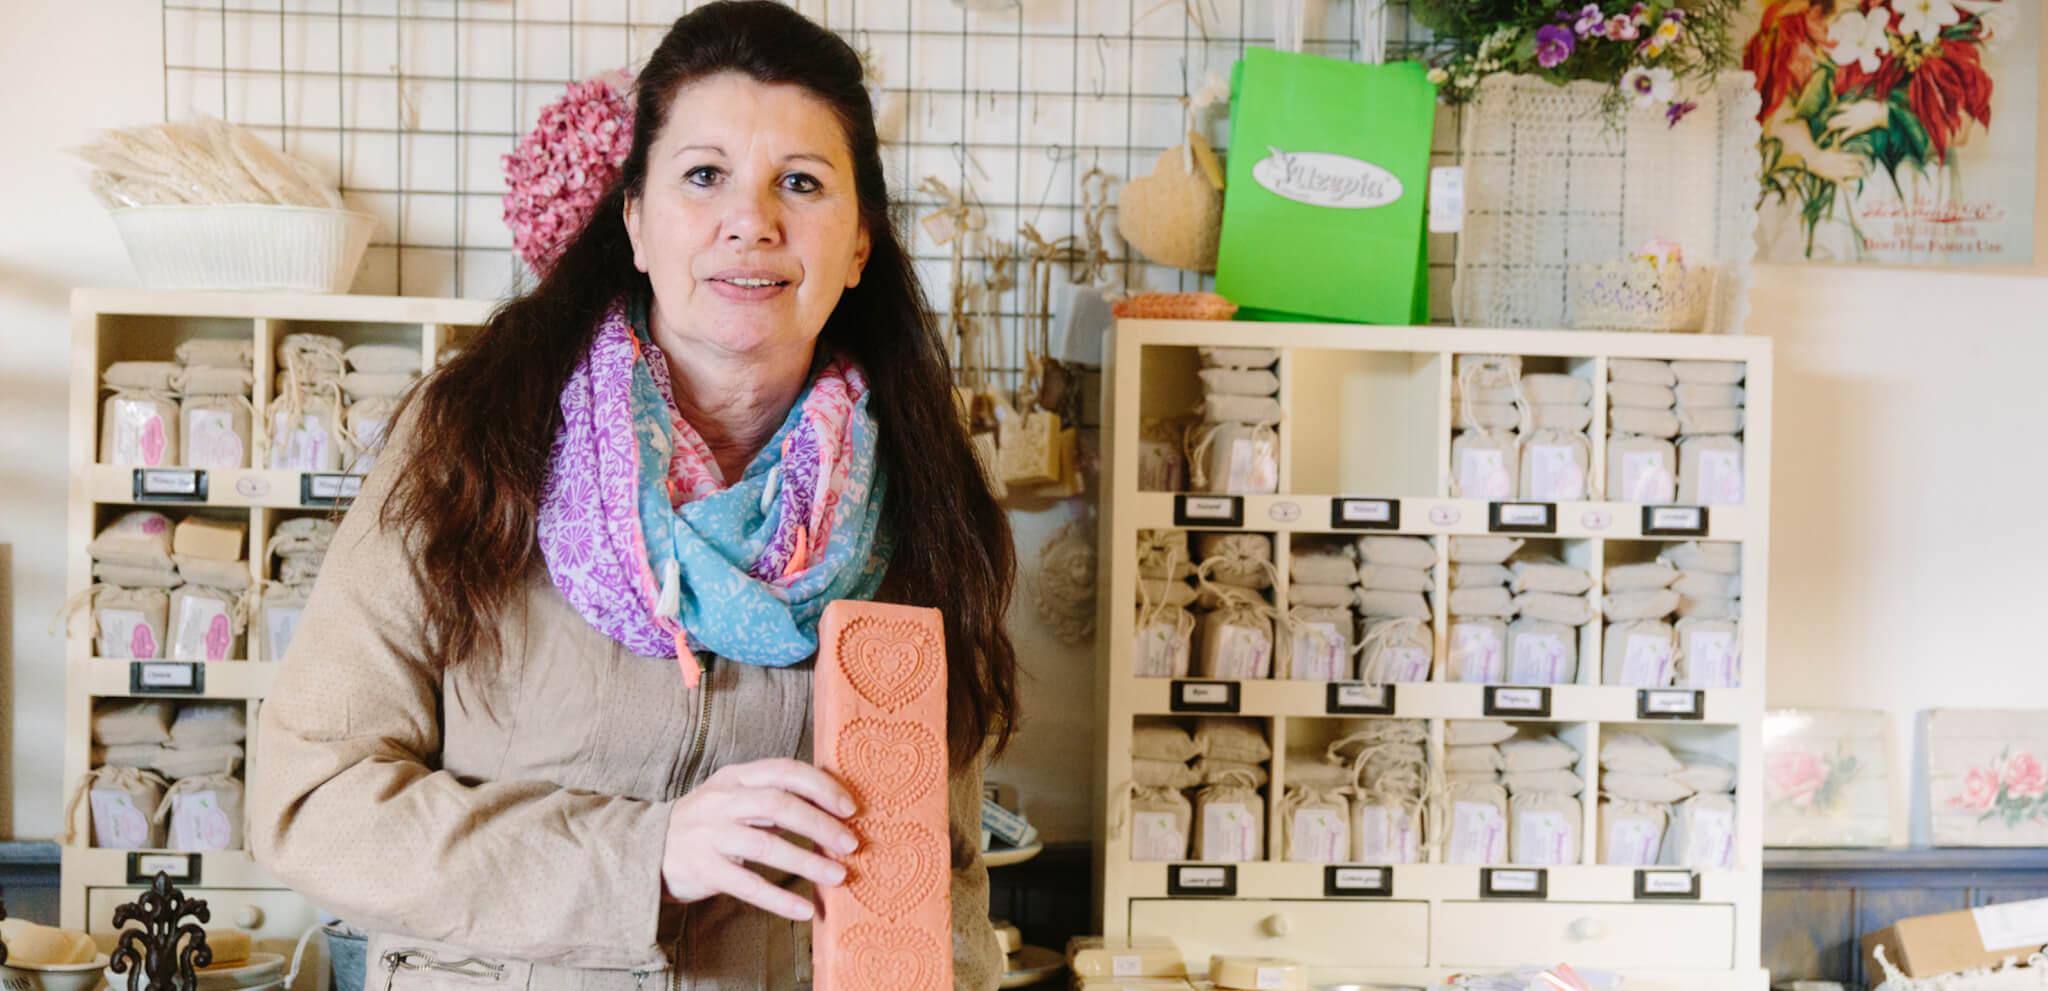 Leontien met haar handgemaakte zeep in haar Zeepatelier Uzepia in Kudelstaart